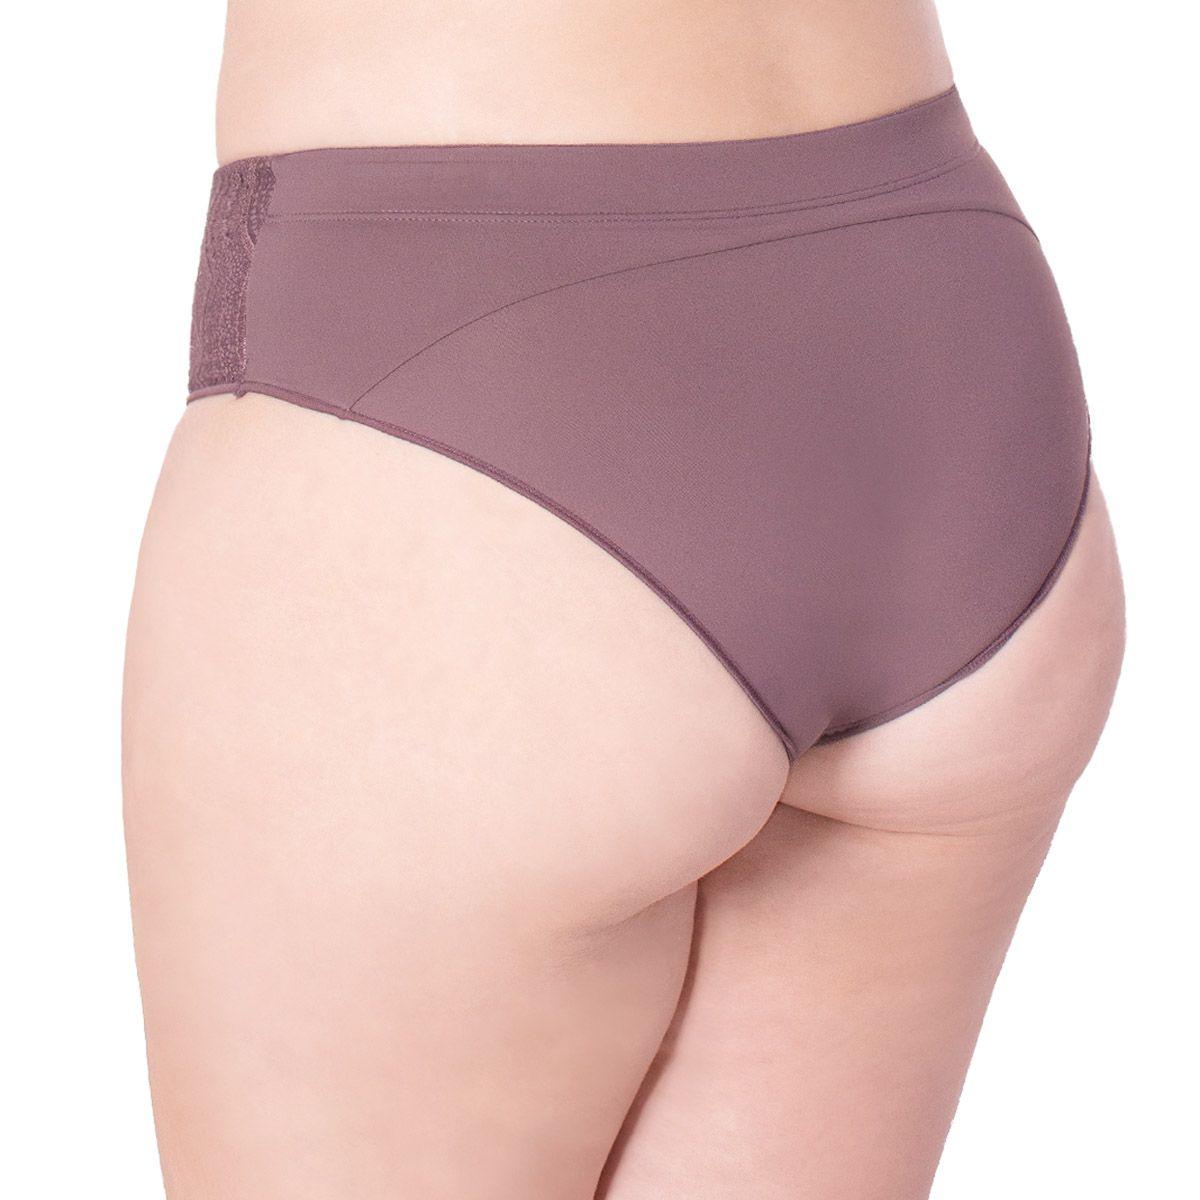 Calcinha modelo tanga com cintura alta Linha Mãe Nayane Rodrigues